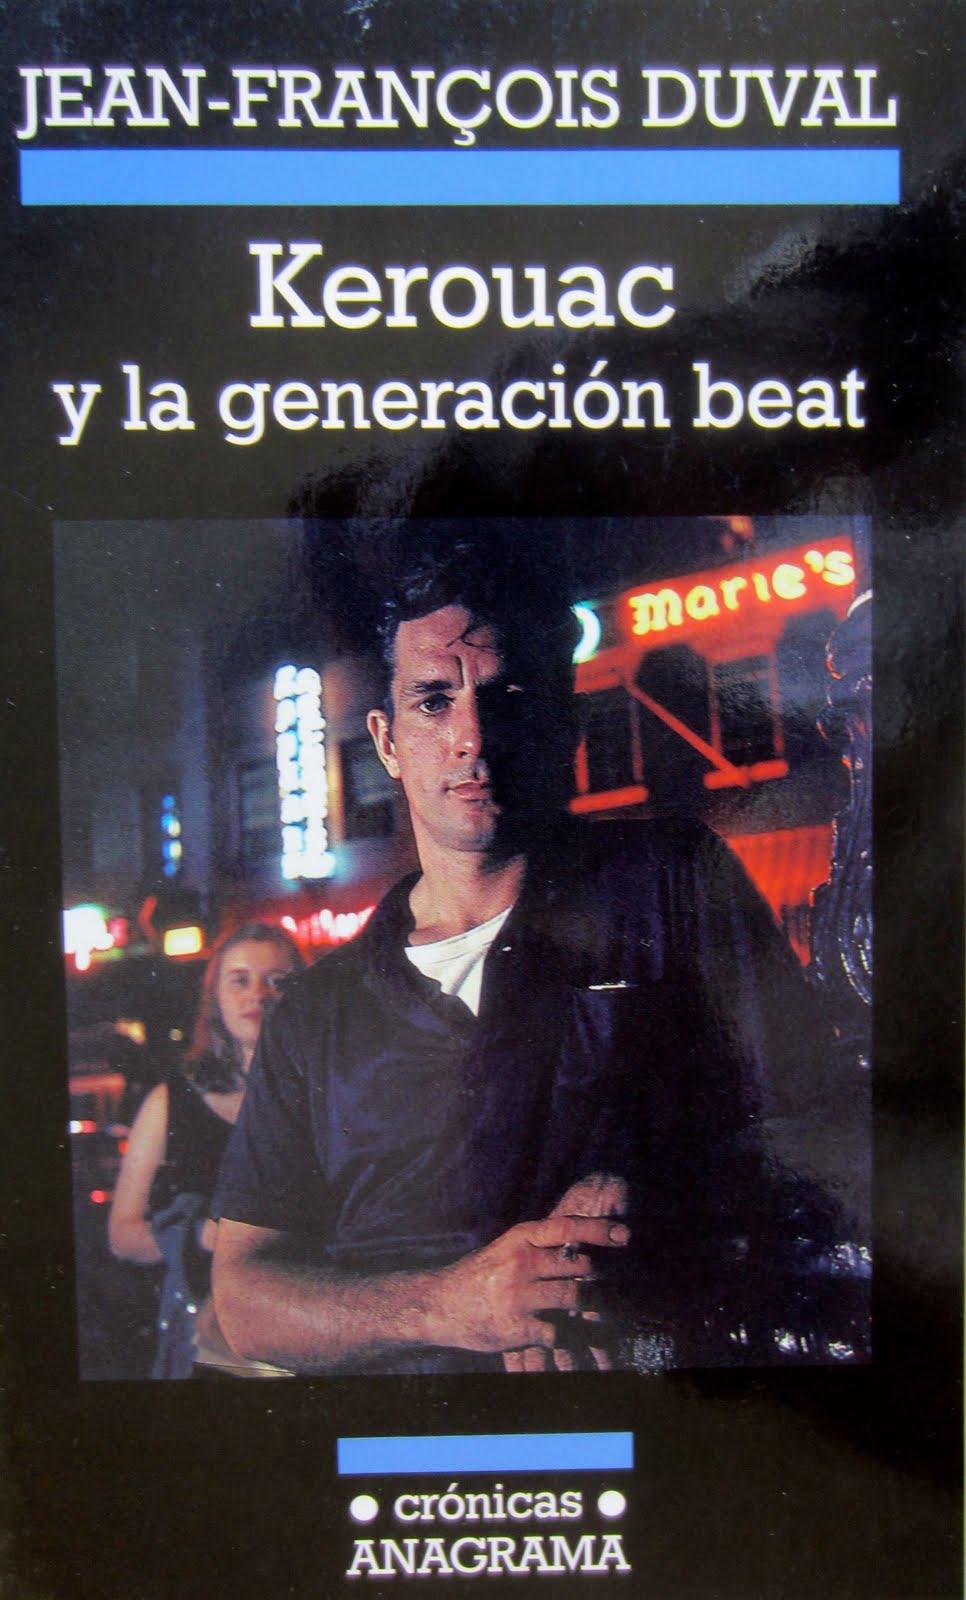 «Kerouac y la generacion beat», éd. espagnole, 2013